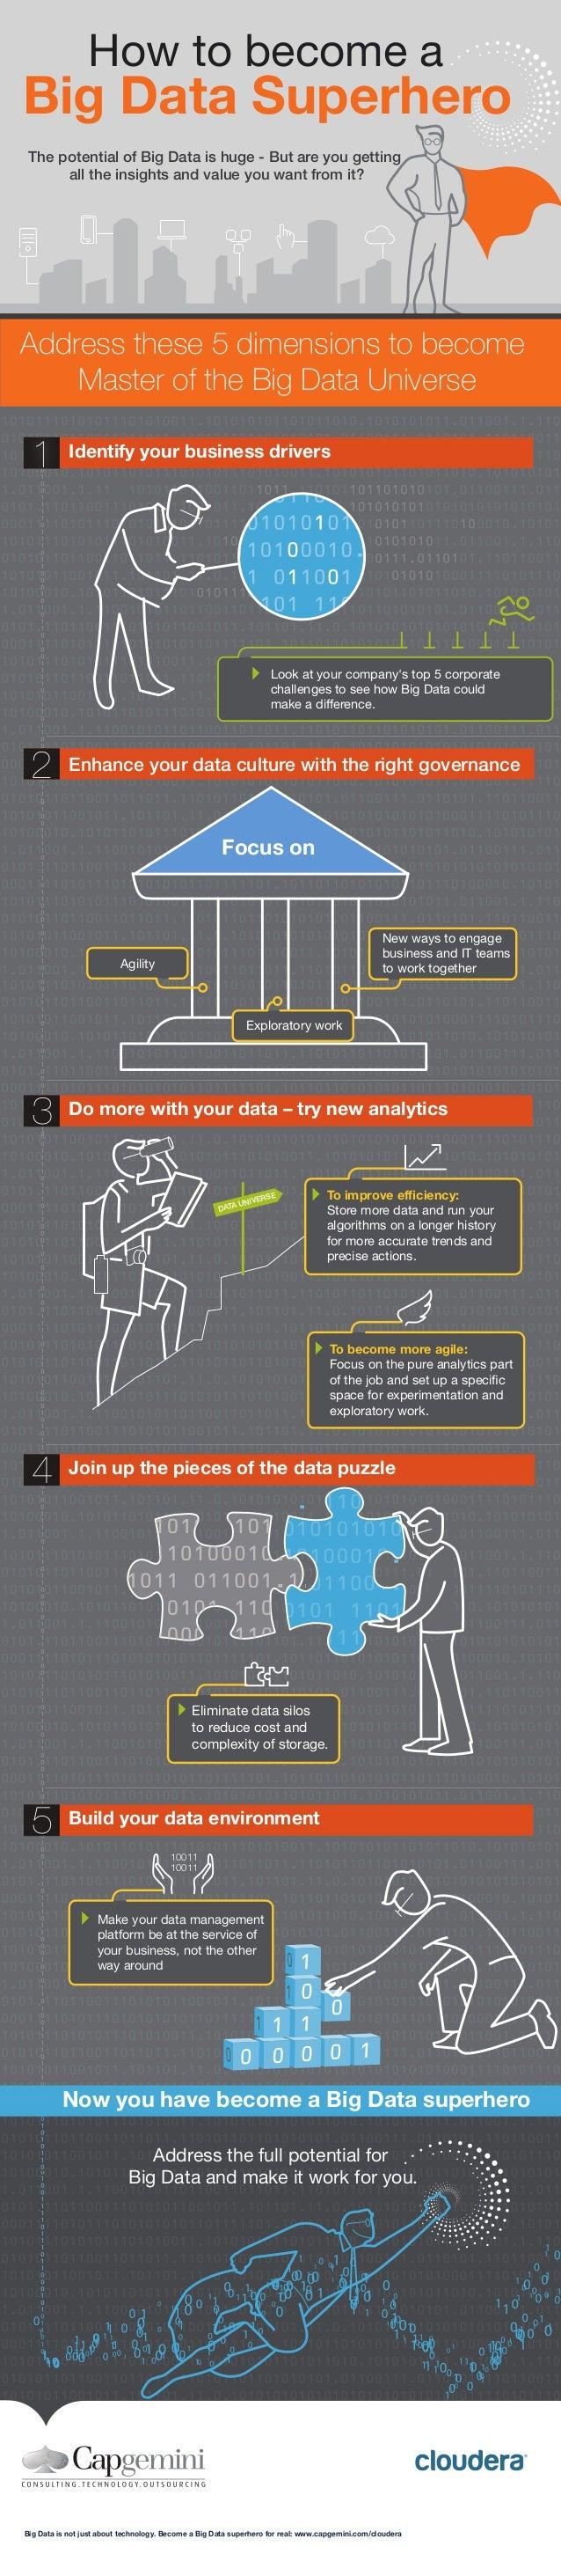 How to Become a Big Data Superhero